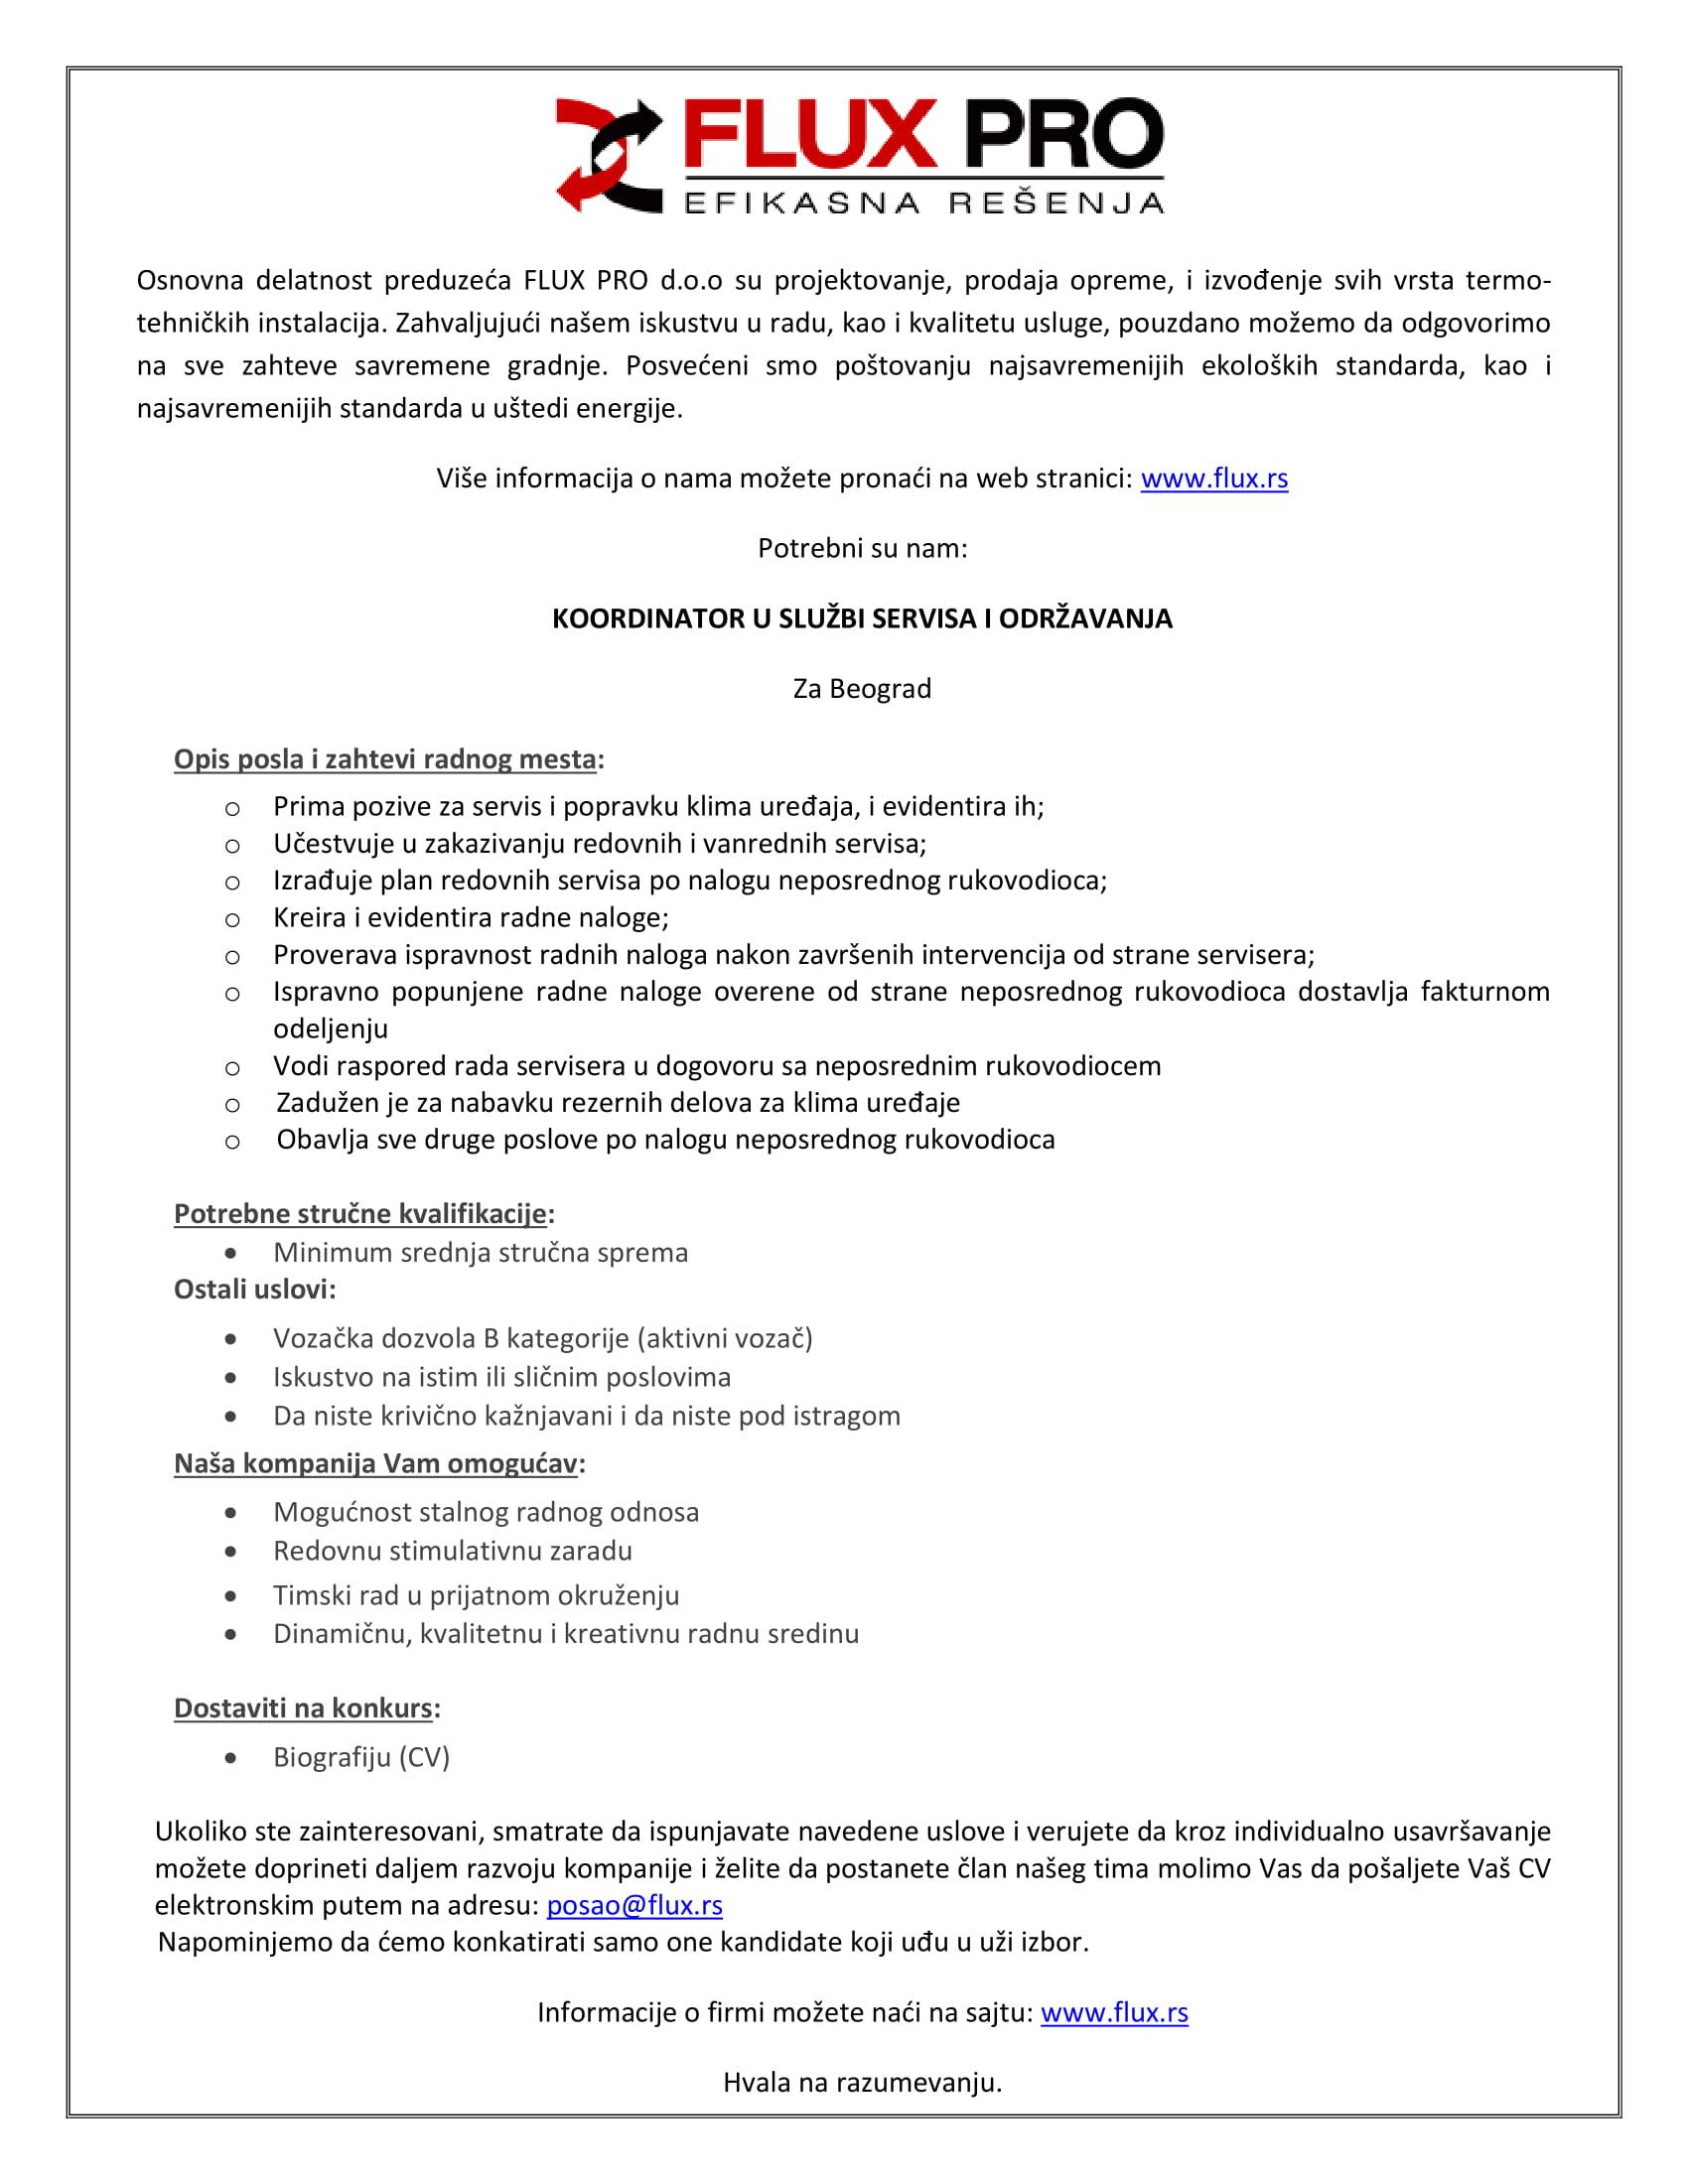 Koordinator u službi servisa i održavanja (m/ž)